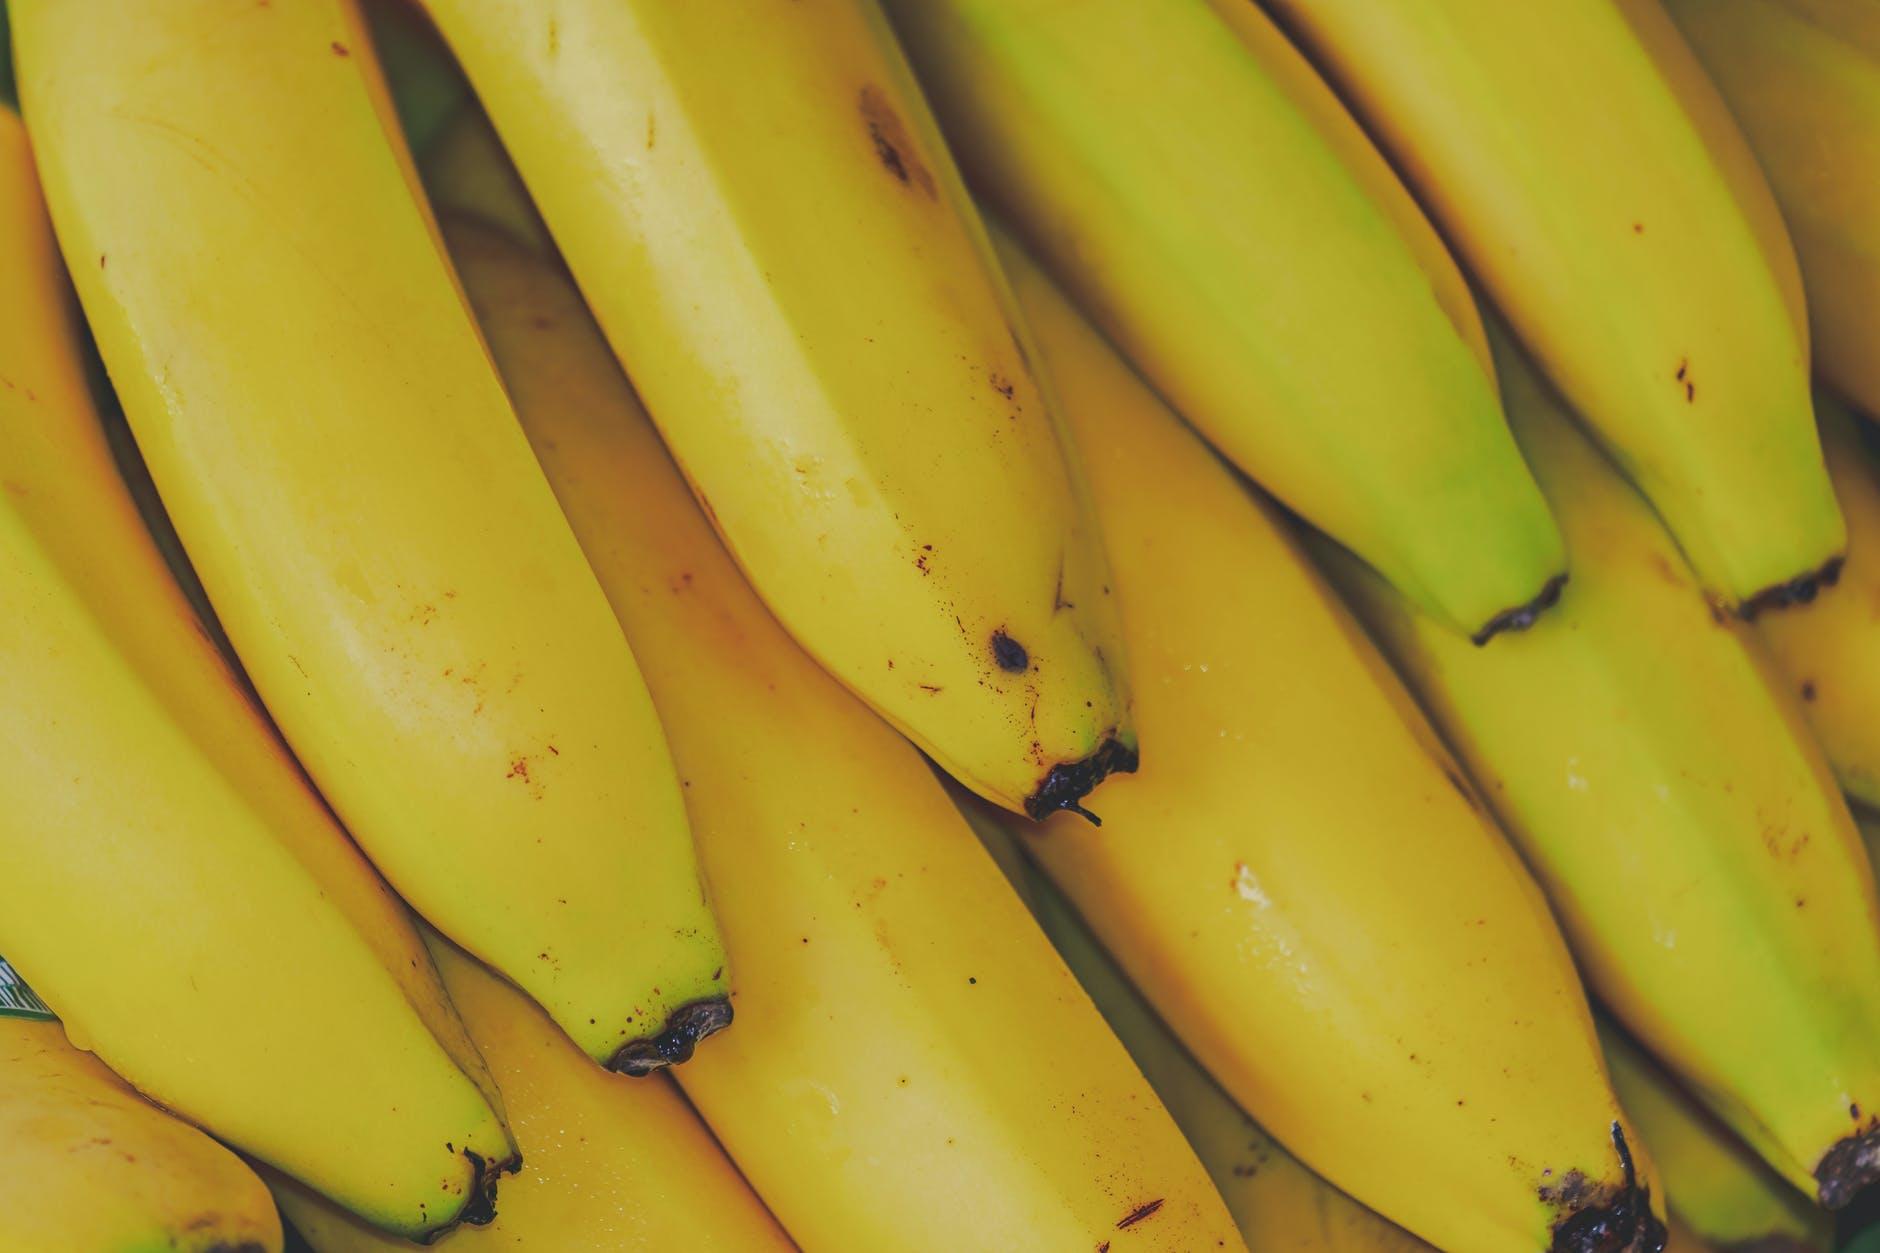 Uses of banana